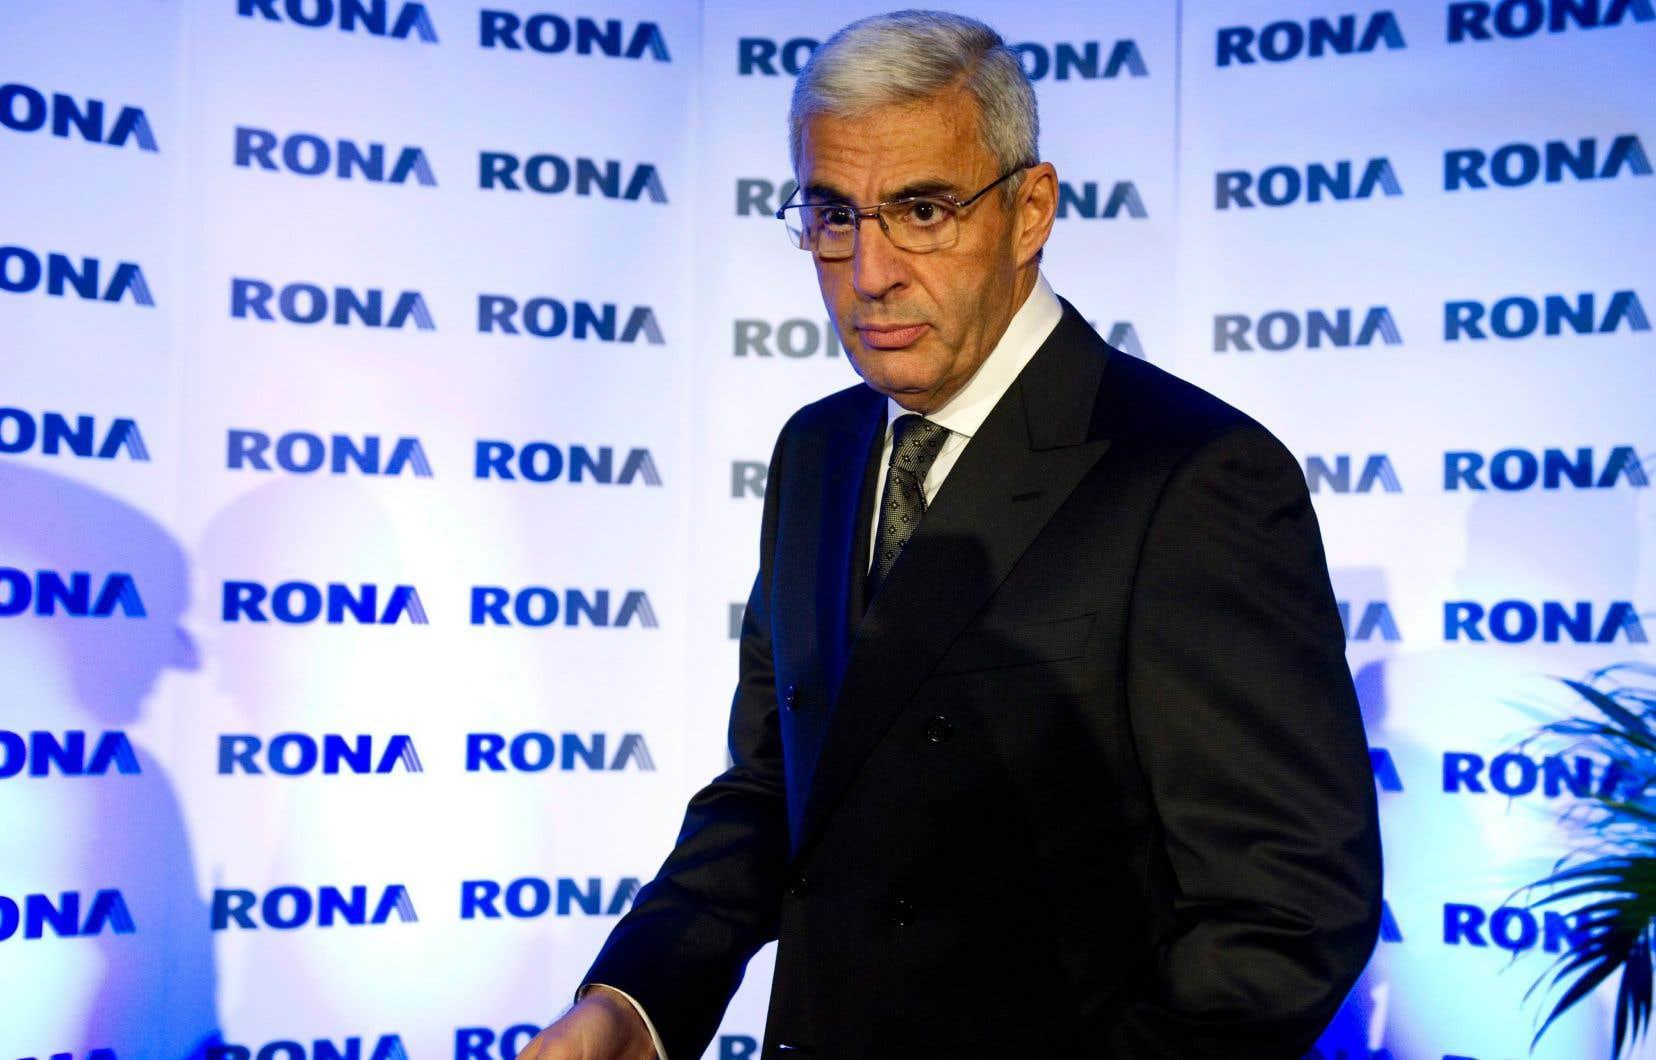 Robert Dutton en 2011, alors qu'il était chef de la direction de Rona